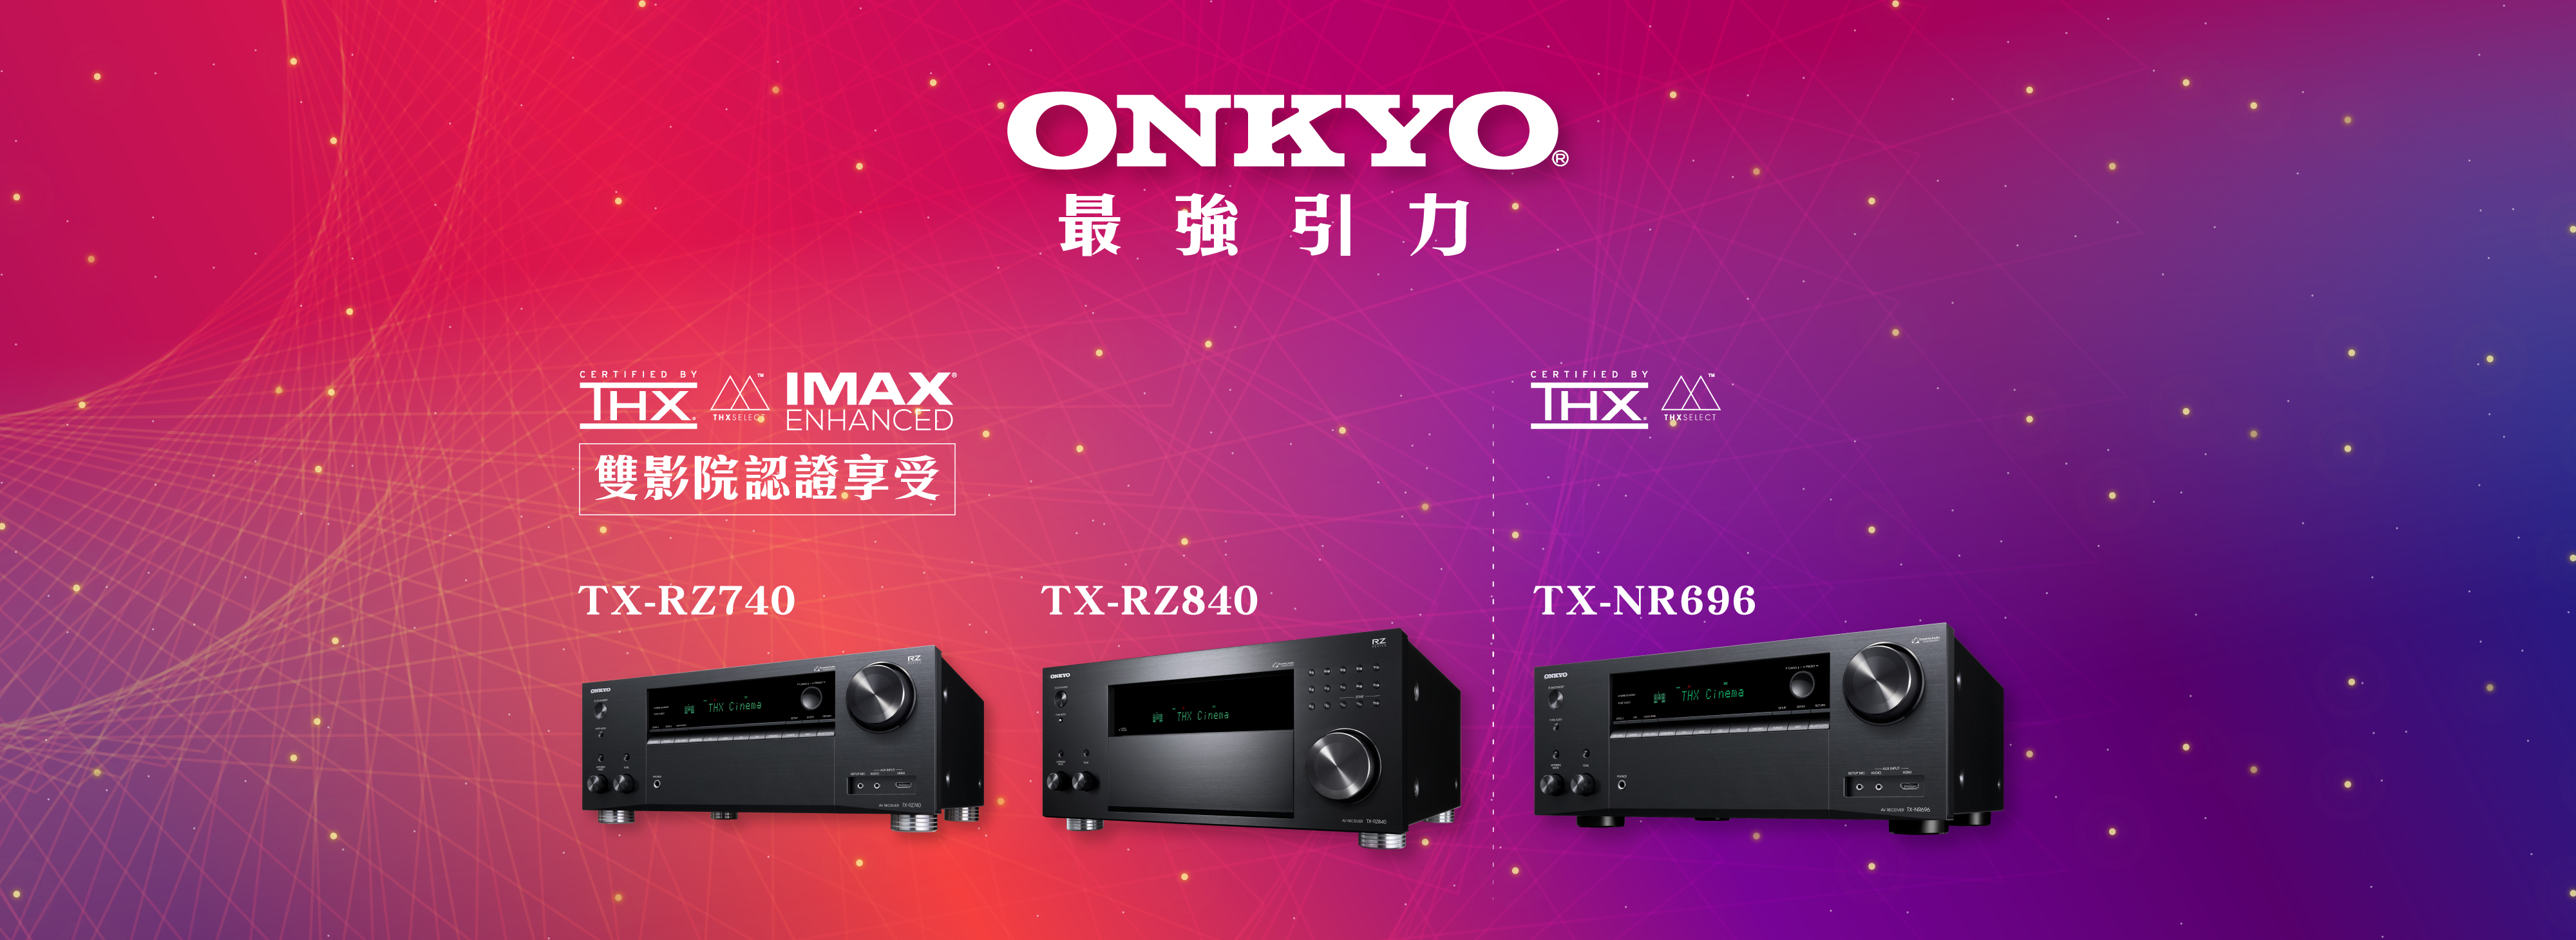 Onkyo Product